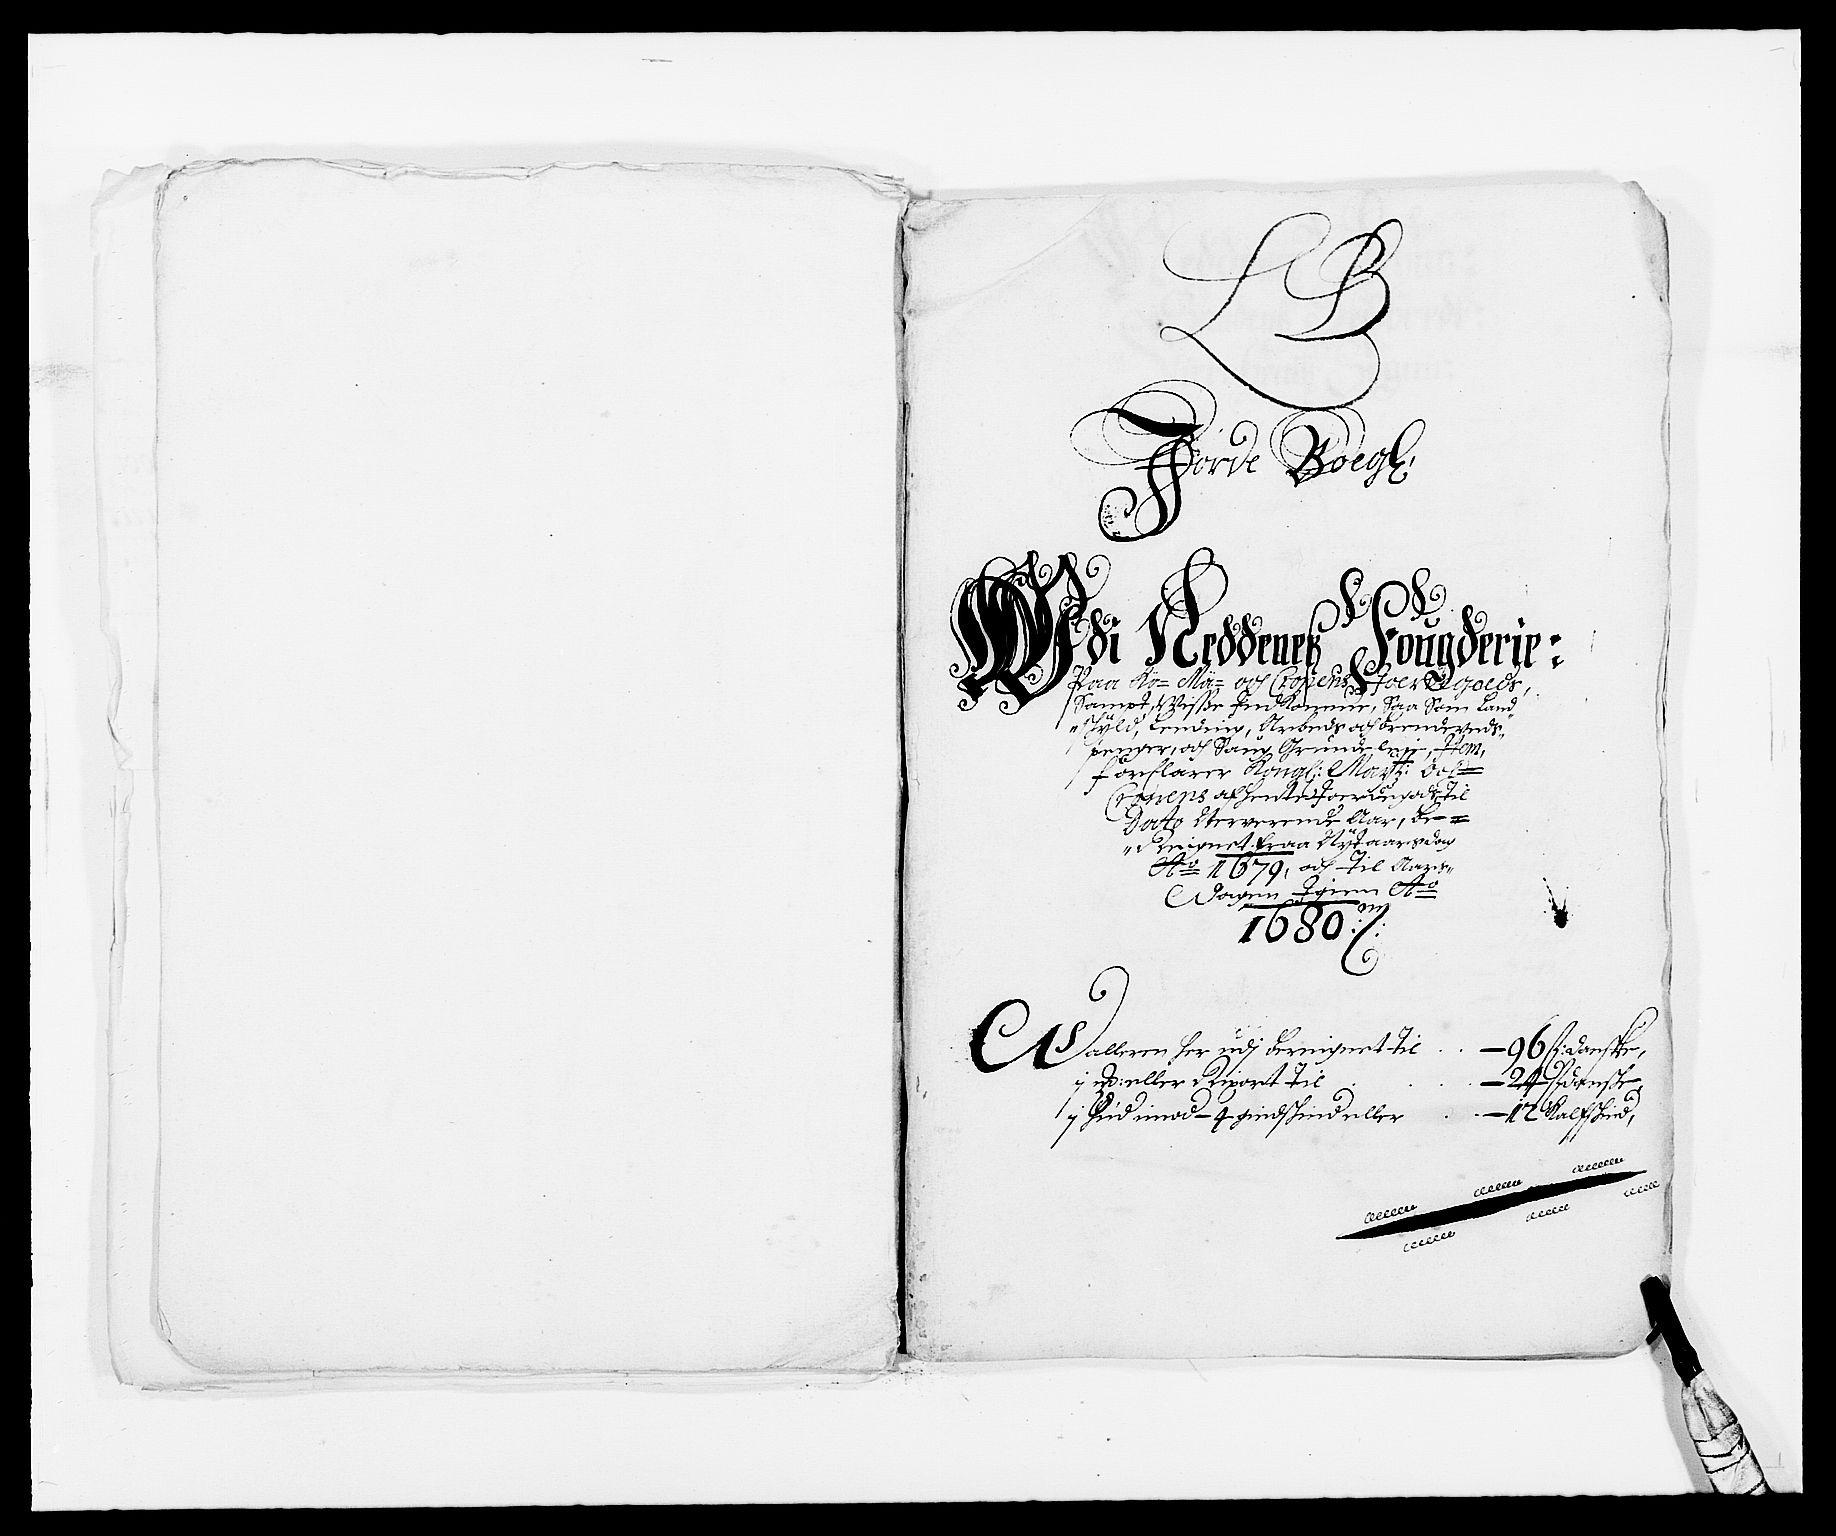 RA, Rentekammeret inntil 1814, Reviderte regnskaper, Fogderegnskap, R39/L2303: Fogderegnskap Nedenes, 1679, s. 16